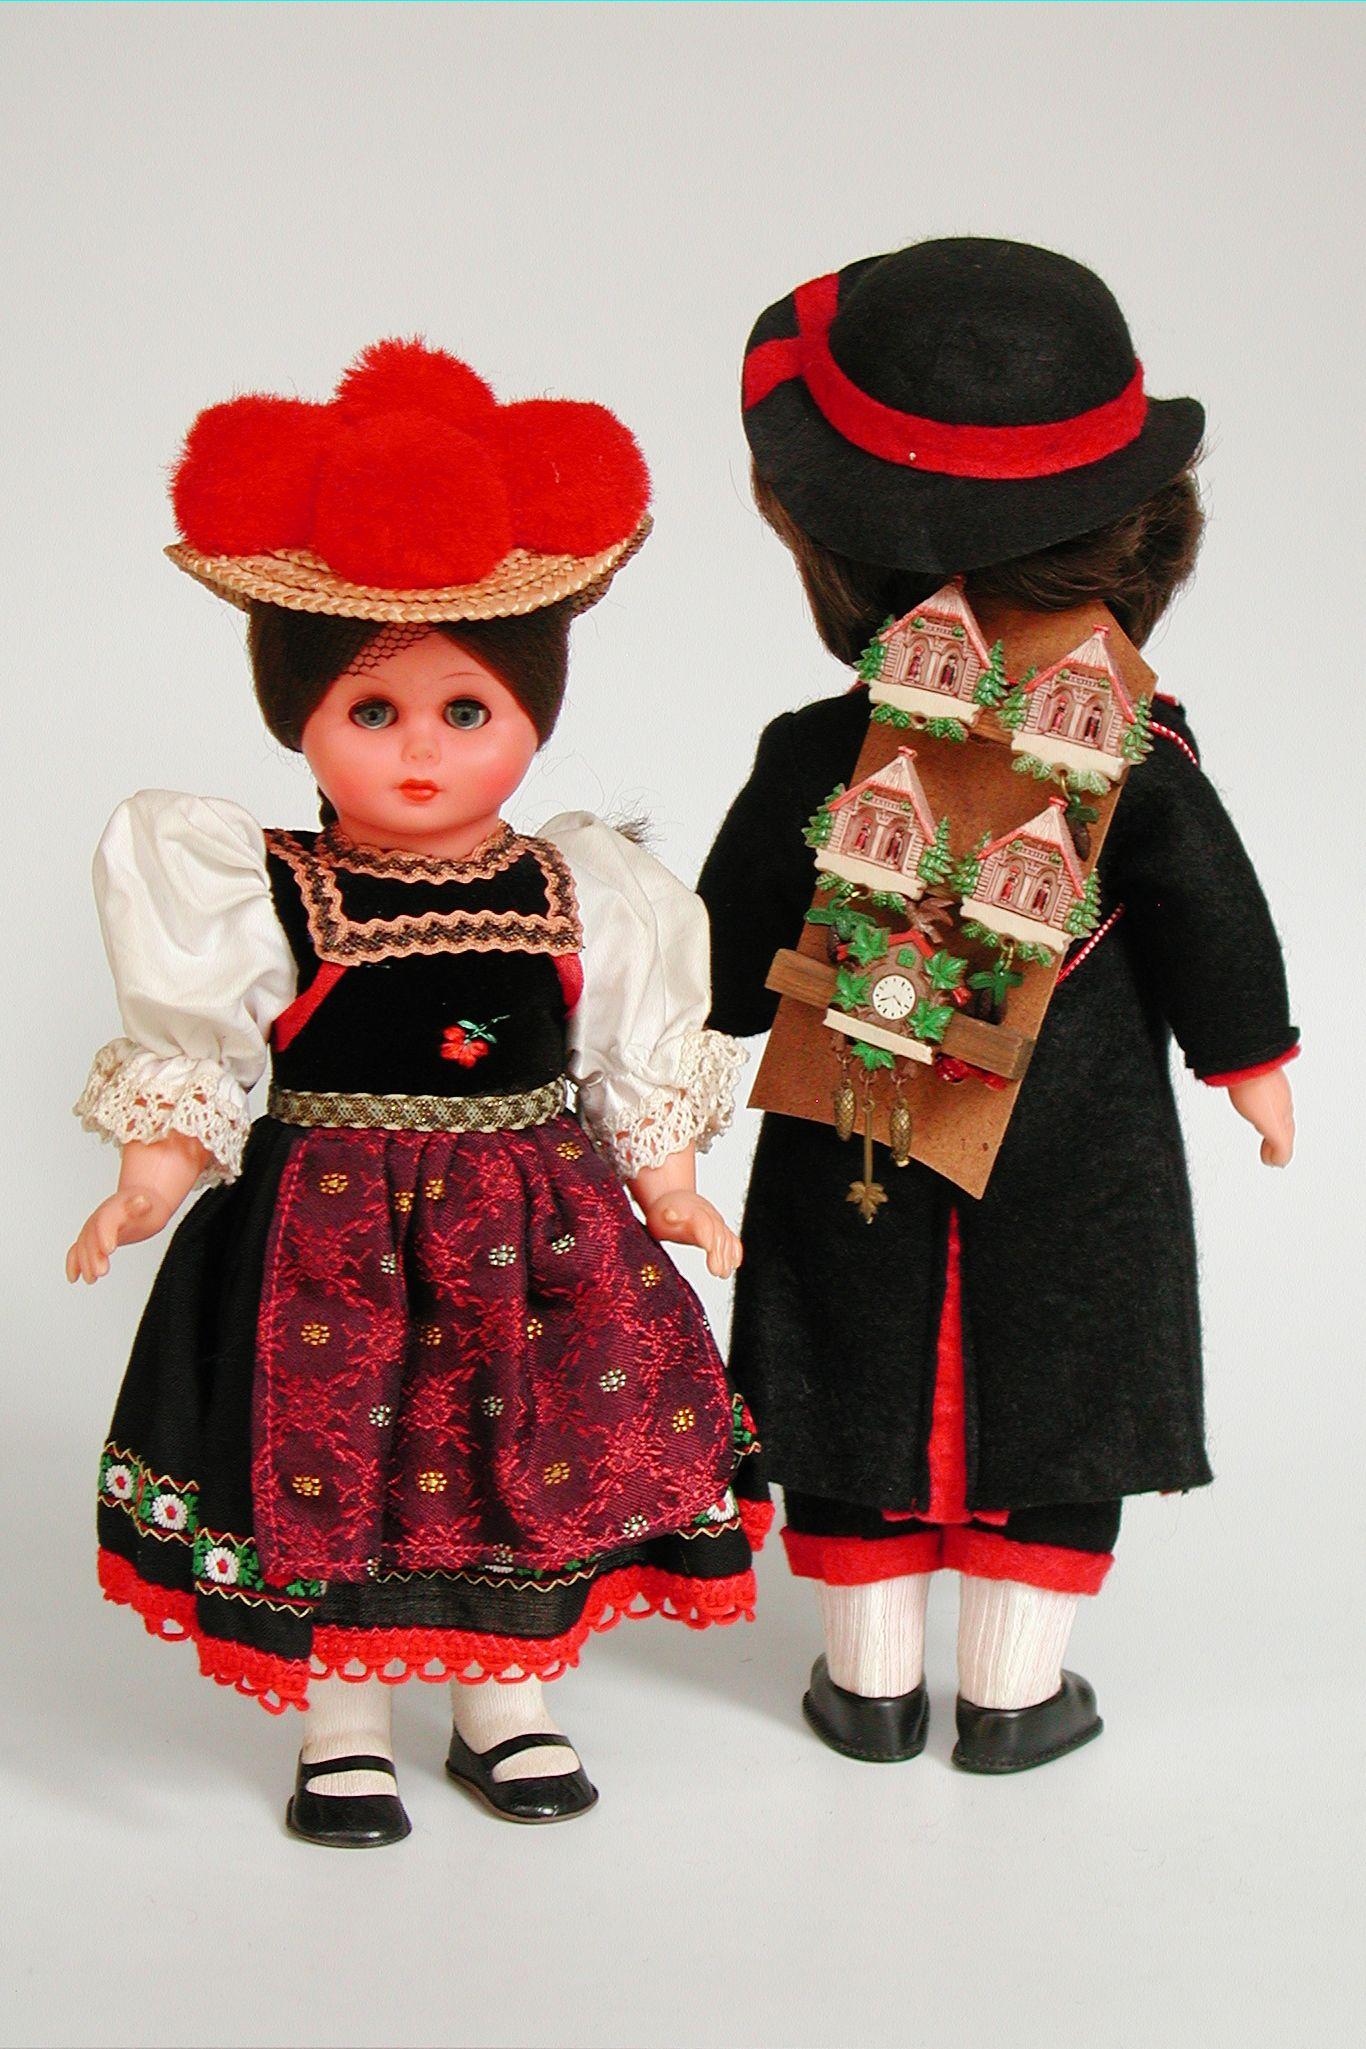 GERMAN FOLK COSTUME DOLL Germany ethnic Black Forest art Schwarzwald Region